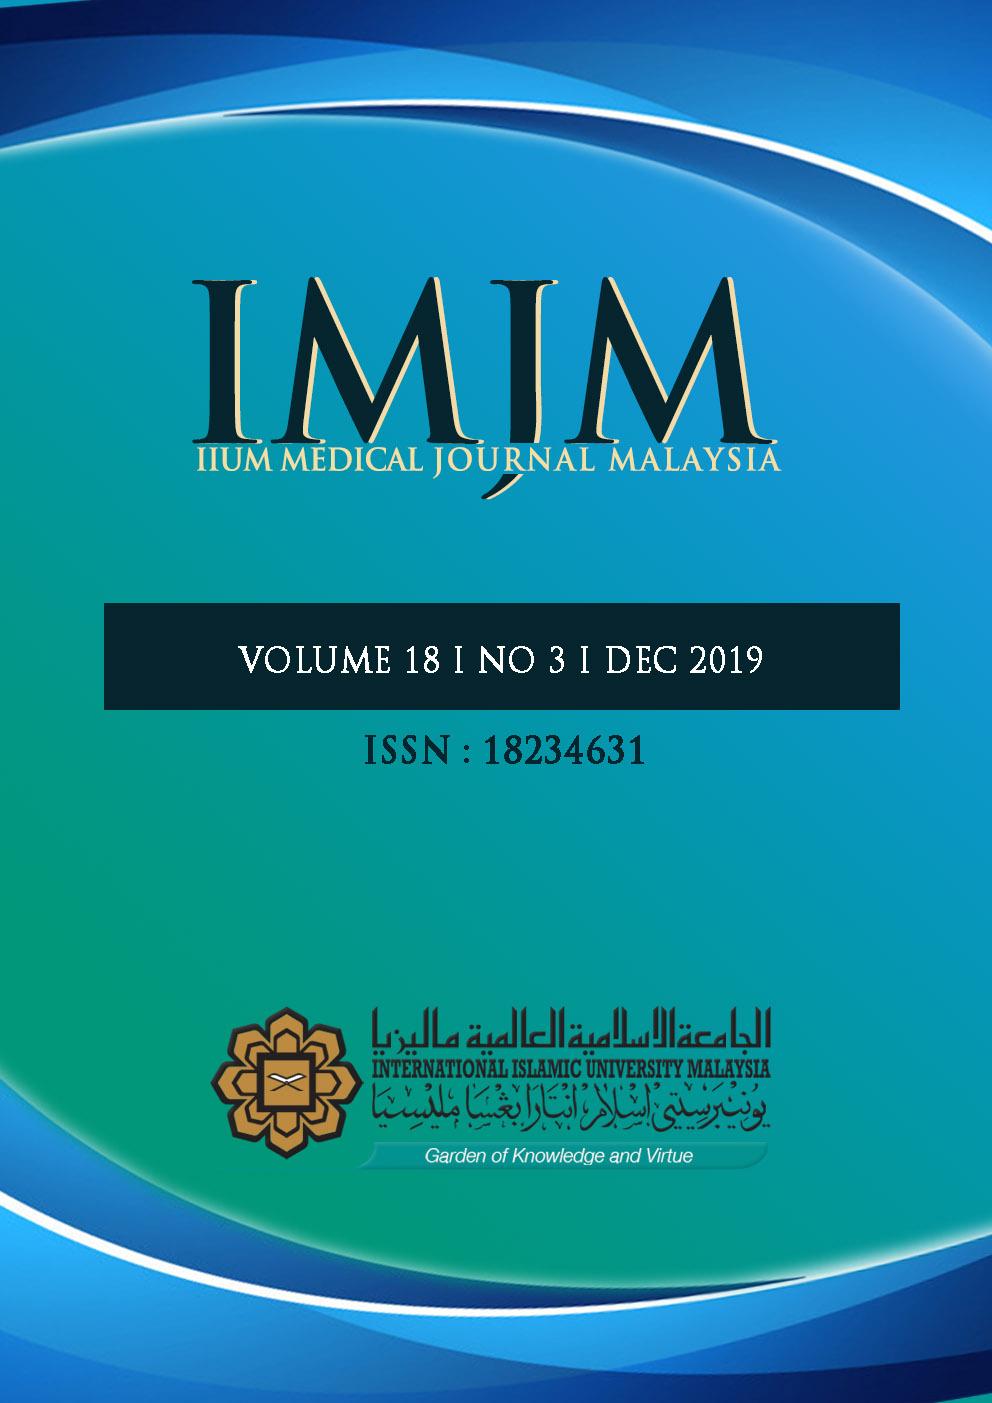 View Vol. 18 No. 3 (2019): IIUM Medical Journal Malaysia - December 2019